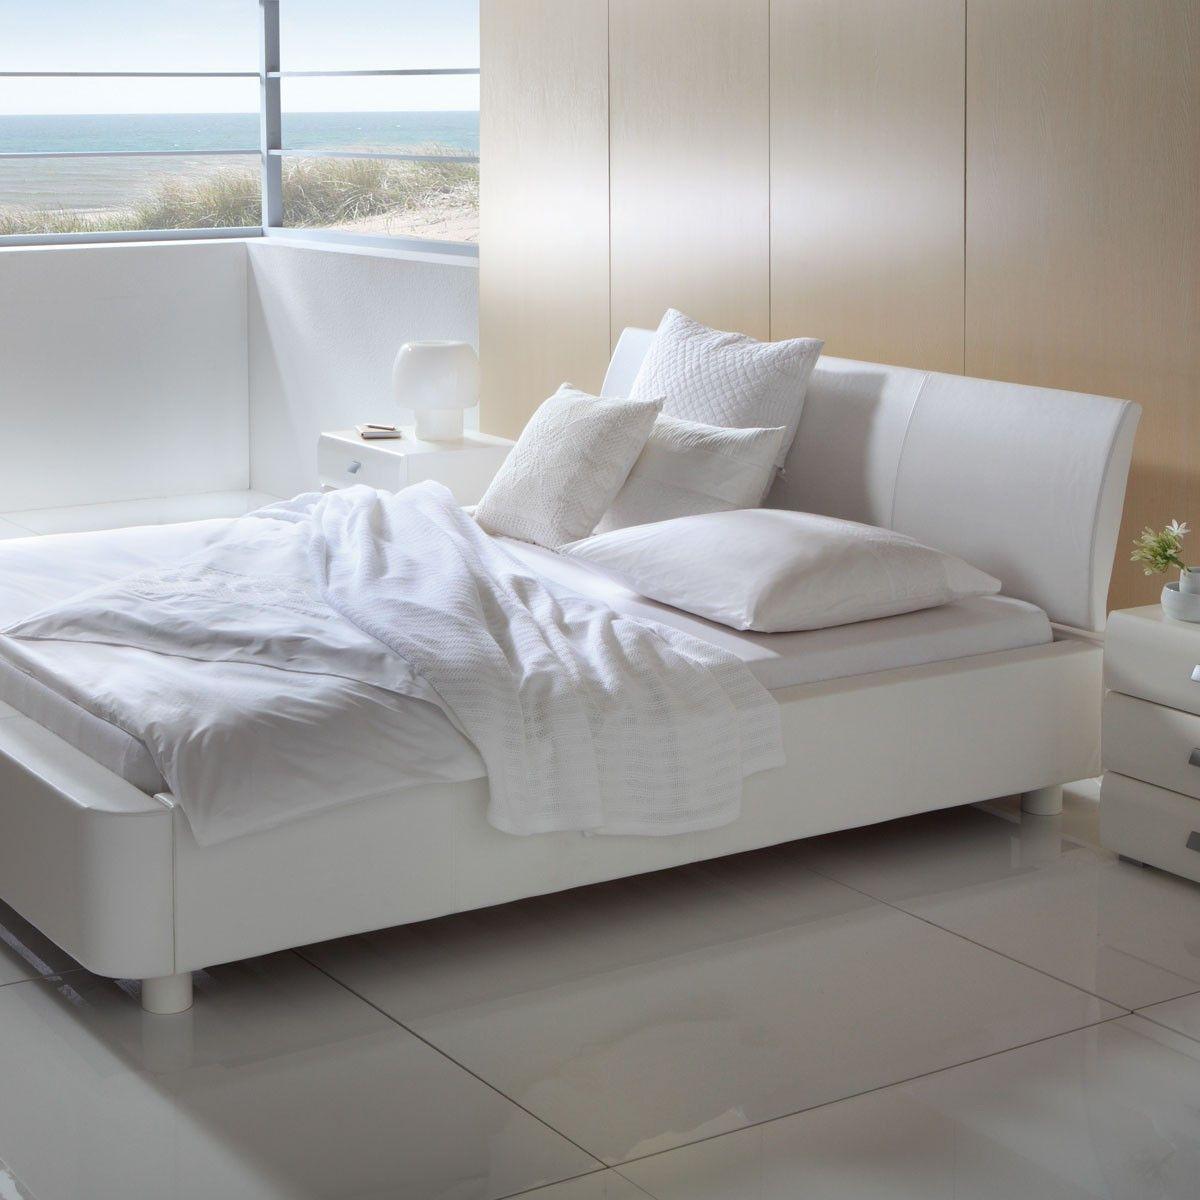 Full Size of Bett Kaufen Günstig Gnstig Beautiful Online Betten Test Bei Ikea Günstige Fenster Sofa Mit Bettkasten Poco Jugendzimmer Wildeiche Rutsche Günstiges Bette Bett Bett Kaufen Günstig